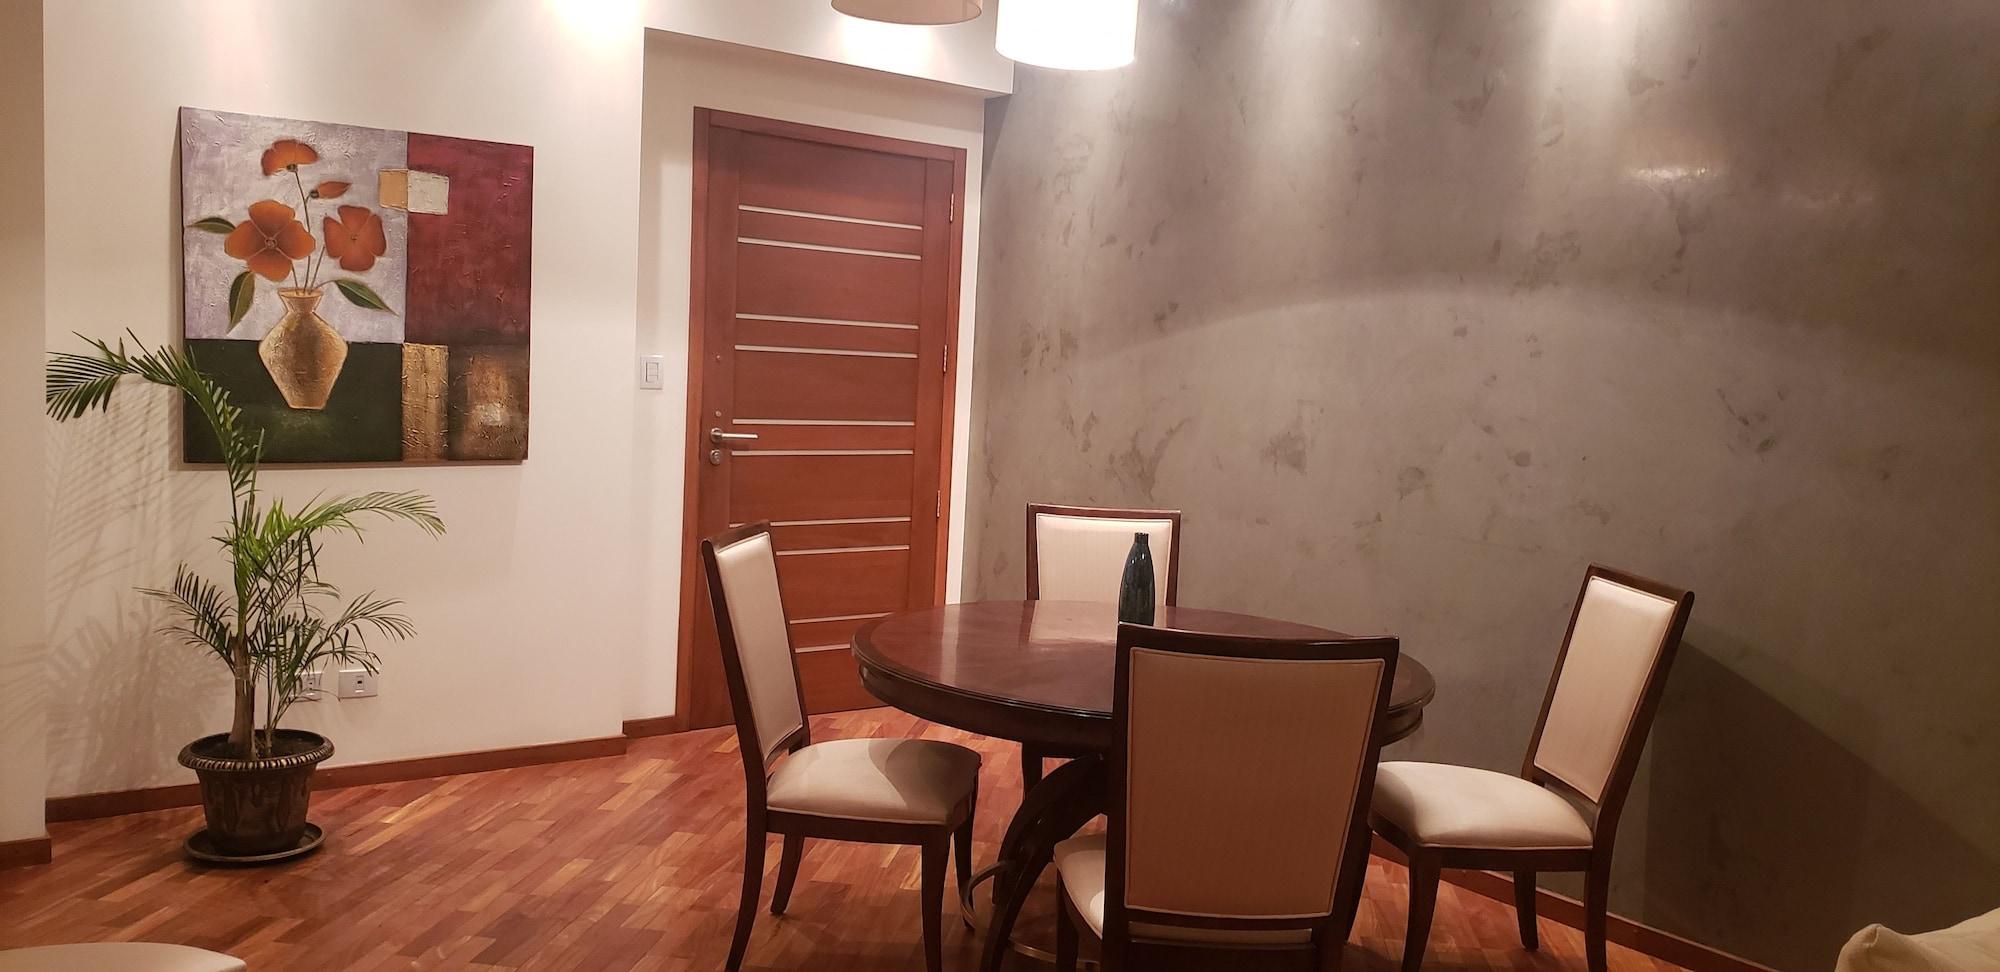 Portal Rent Apart 9, Cercado